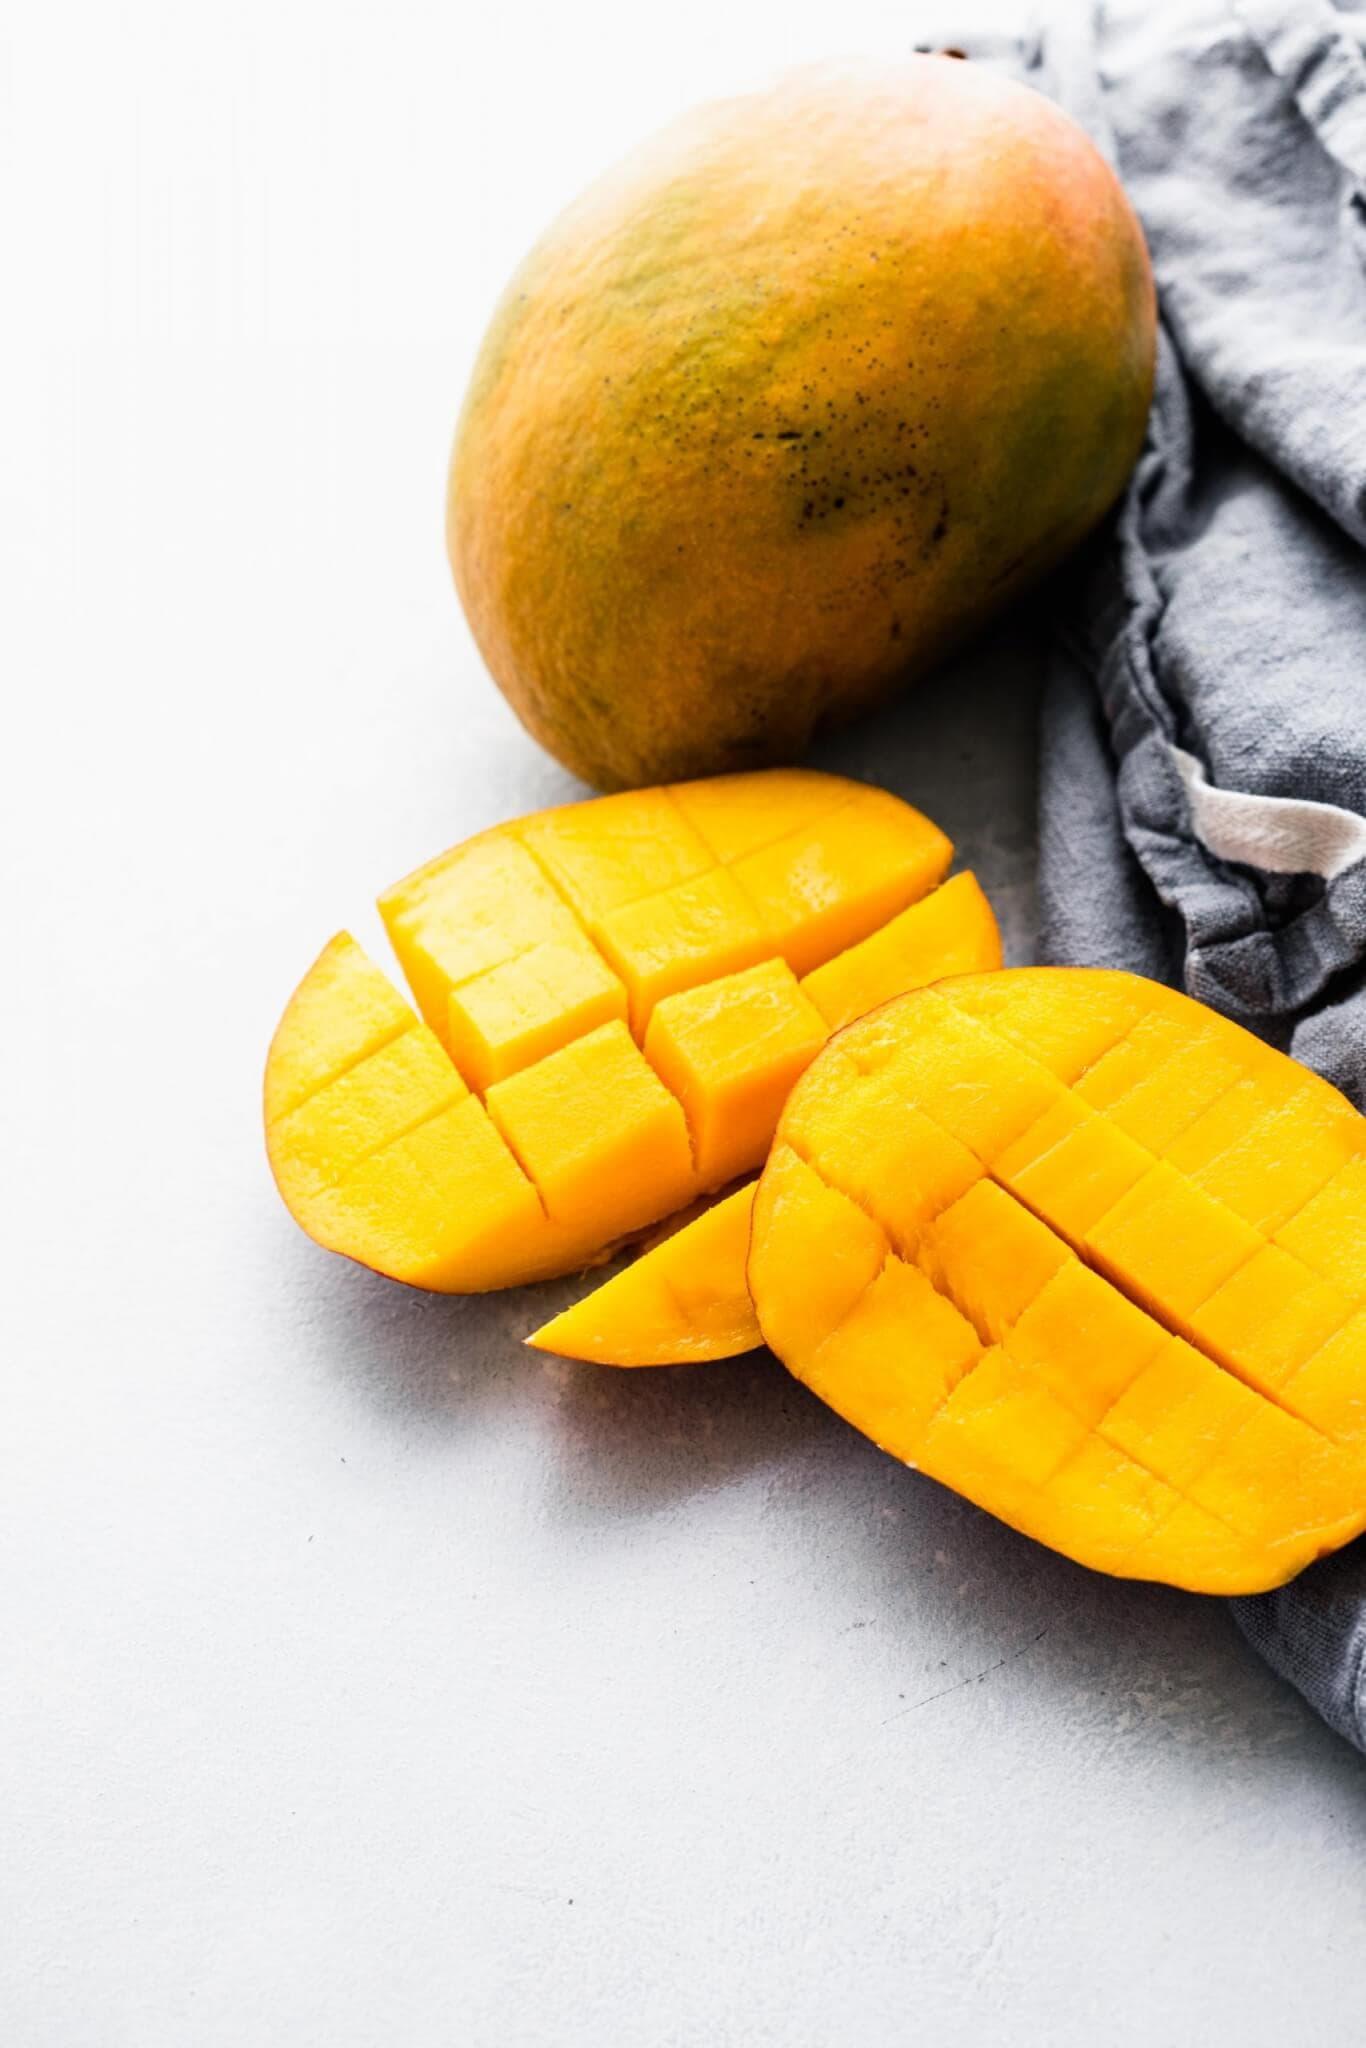 Cut up mangoes.